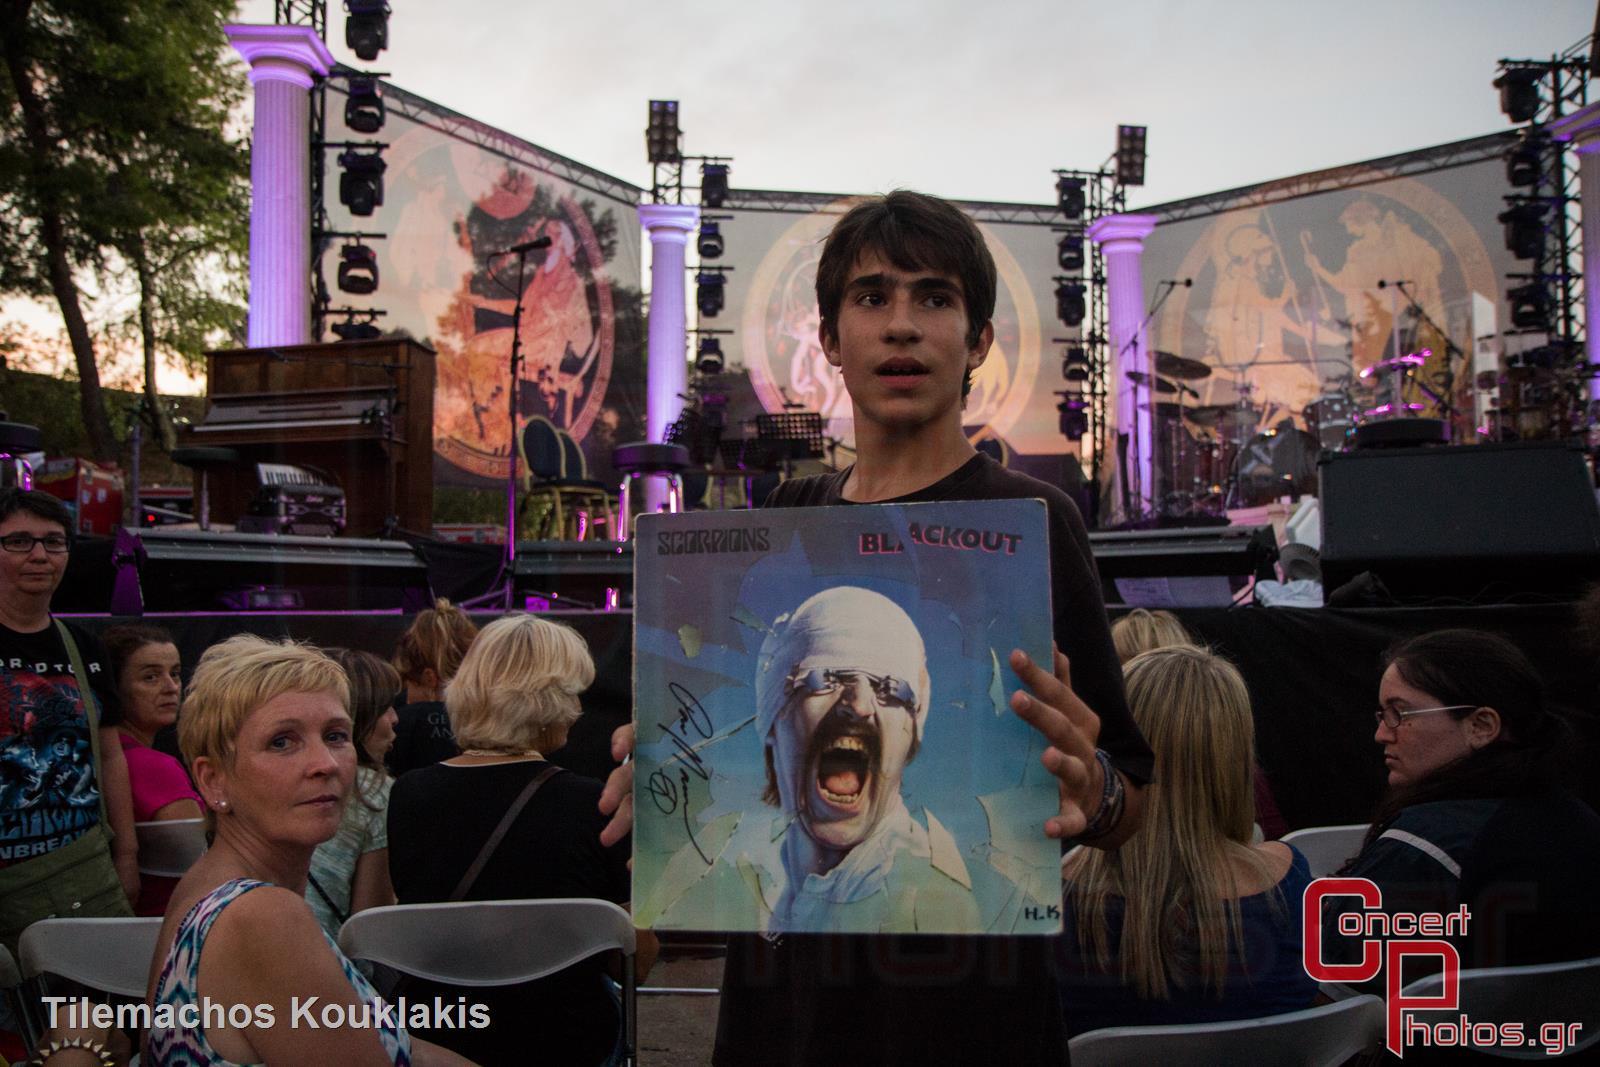 Scorpions-Scorpions photographer: Tilemachos Kouklakis - concertphotos_-6382